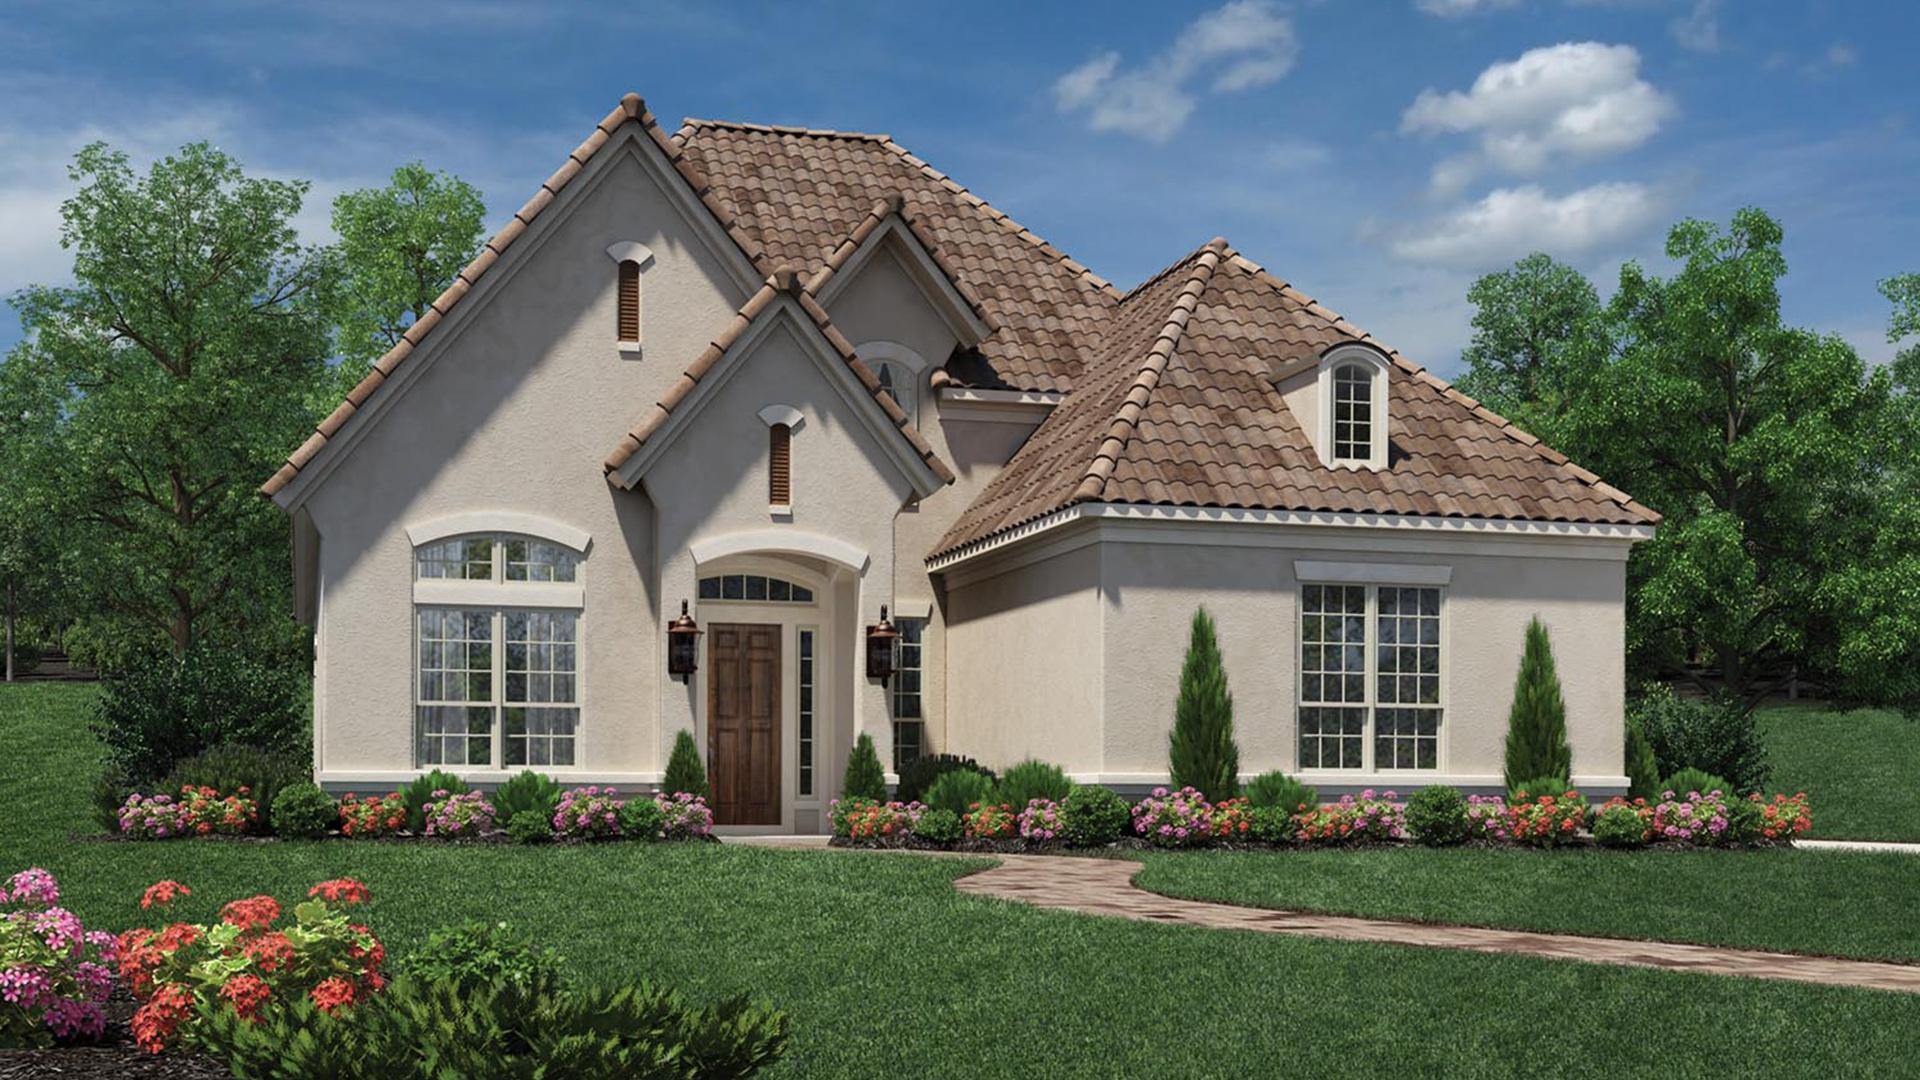 STNT_VIE_TX_3SPE_301_5_1920 Stanton Home Design on garrison home design, cobb home design, tranquility home design,